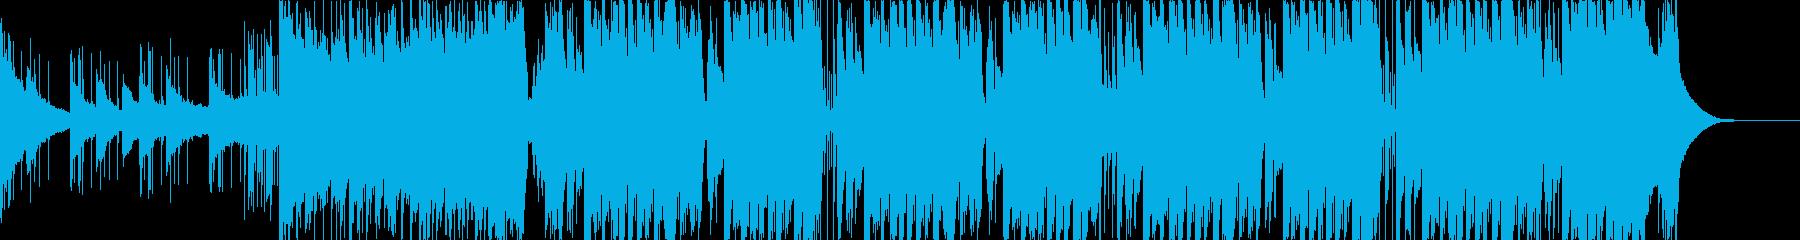 盛り上がるフューチャーベースの再生済みの波形